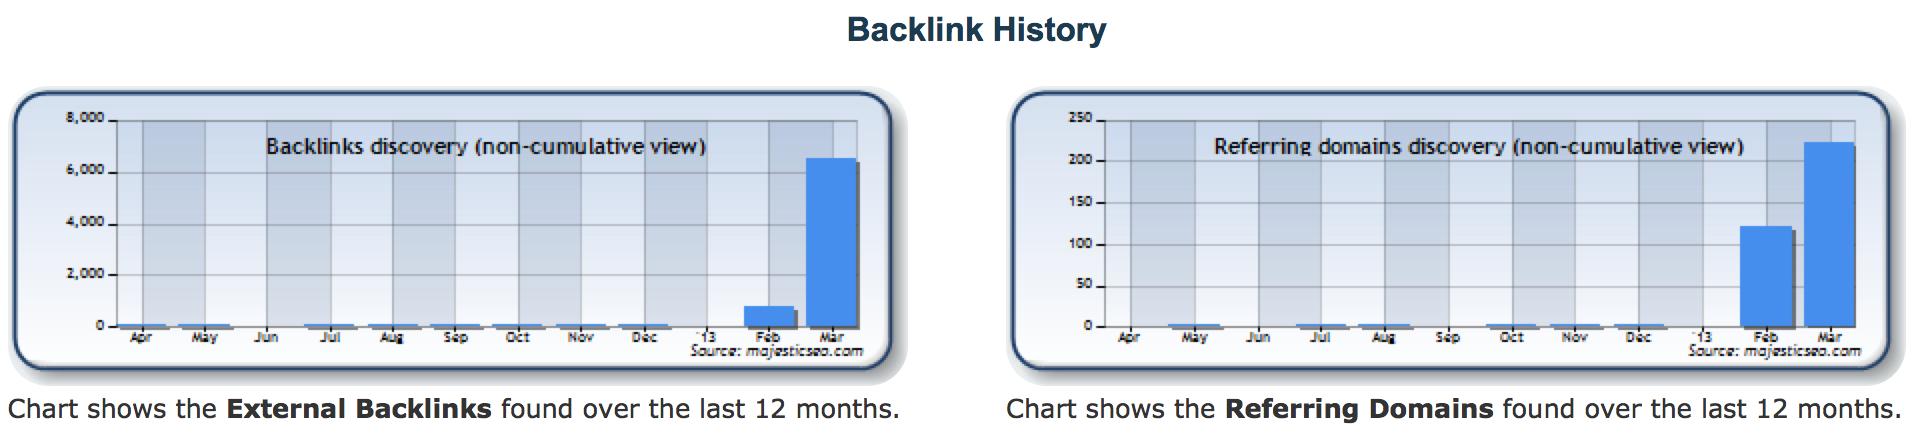 iatld-backlink-history